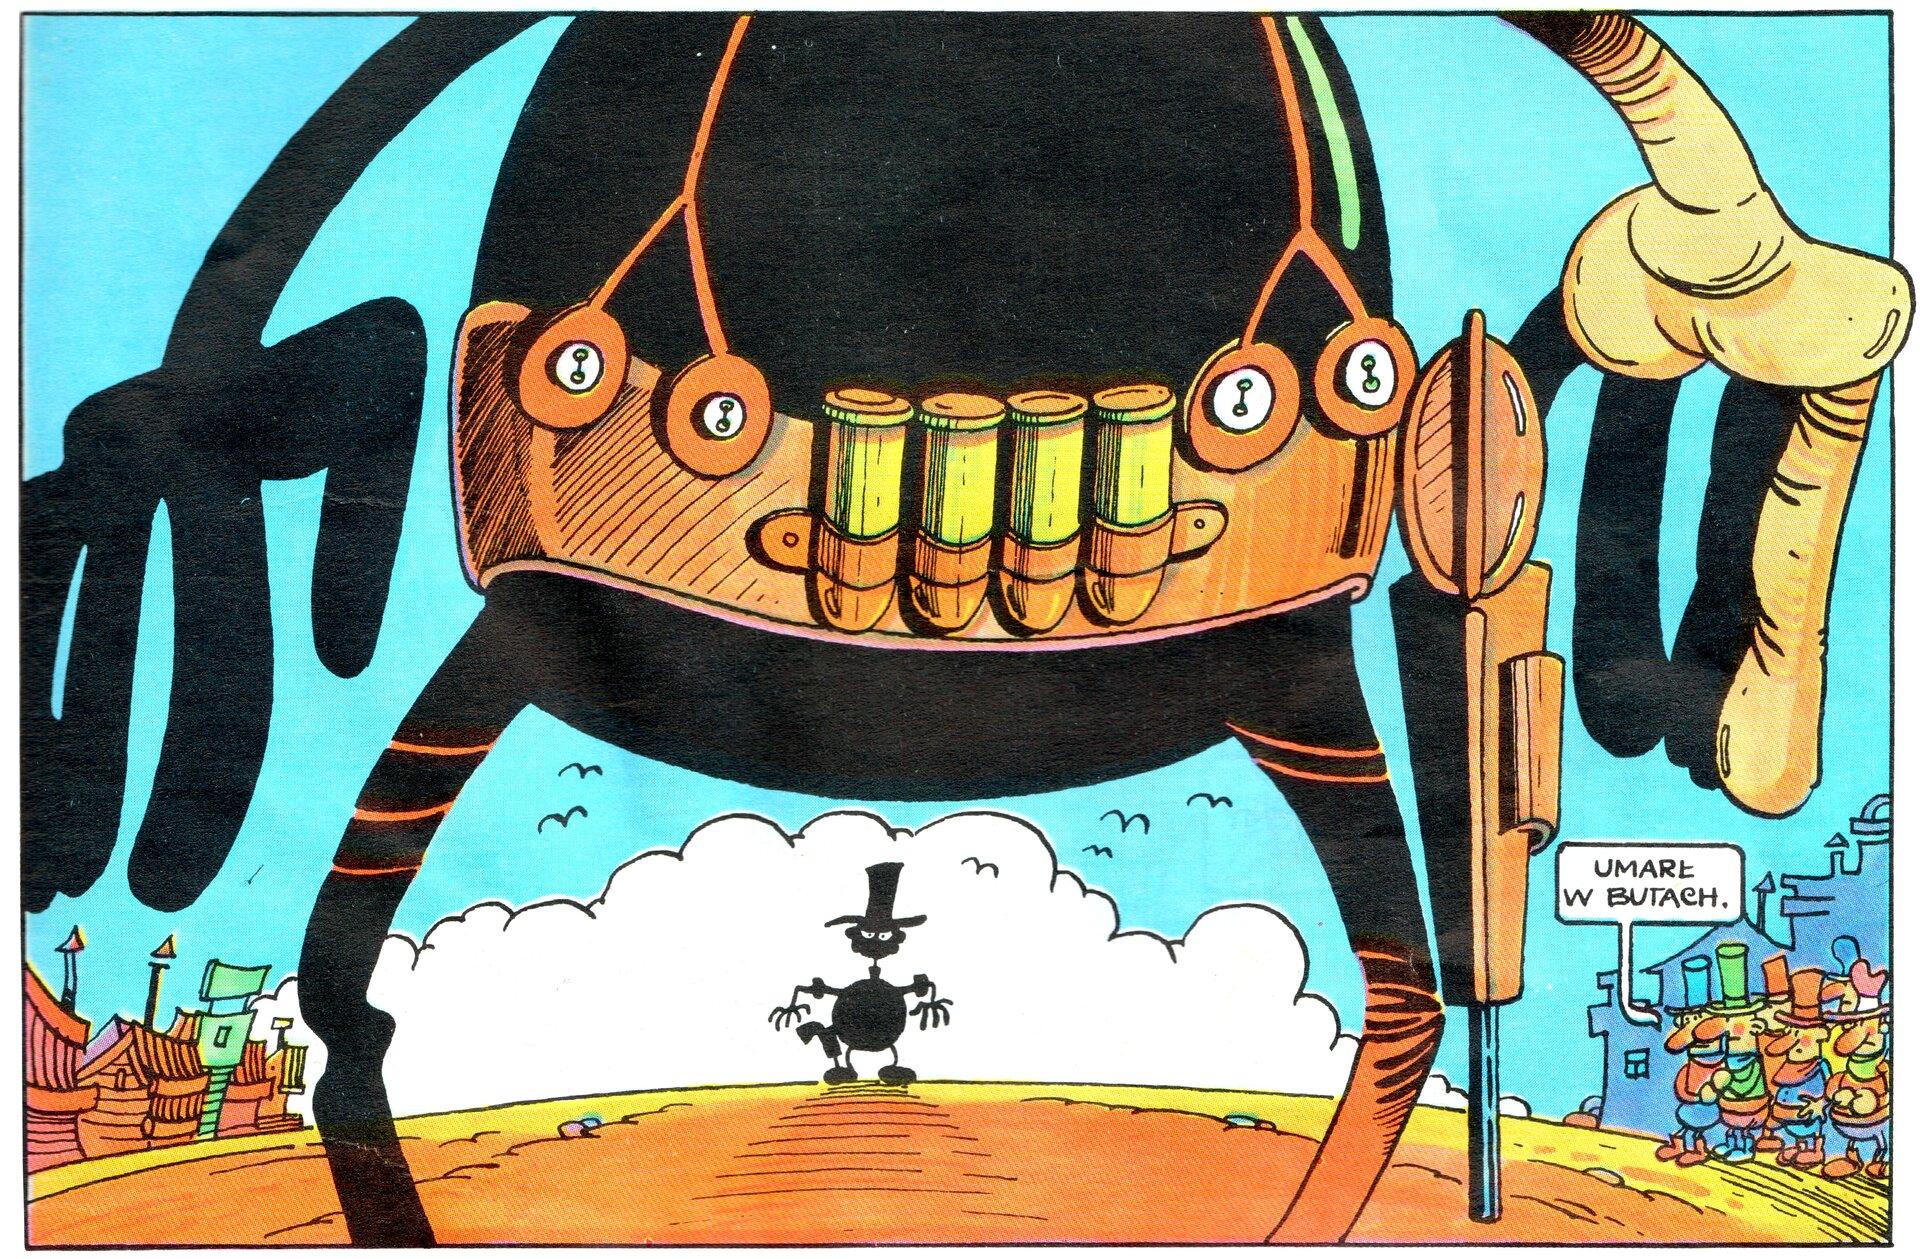 """Ilustracja przedstawia fragment komiksu Tadeusza Baranowskiego """"Skąd się bierze woda sodowa. Inie tylko"""". Jest to pojedynek dwóch kowbojów. Kadr ukazuje zbliżenie na pas znabojami, kaburę zrewolwerem iszeroko rozstawionymi rękoma. Woddali znajduje się kontur drugiej postaci wtakiej samej pozie. Zprawej strony stoi grupa osób komentujących wydarzenie. Wśród nich pojawia się dymek ze słowami: Umarł wbutach."""